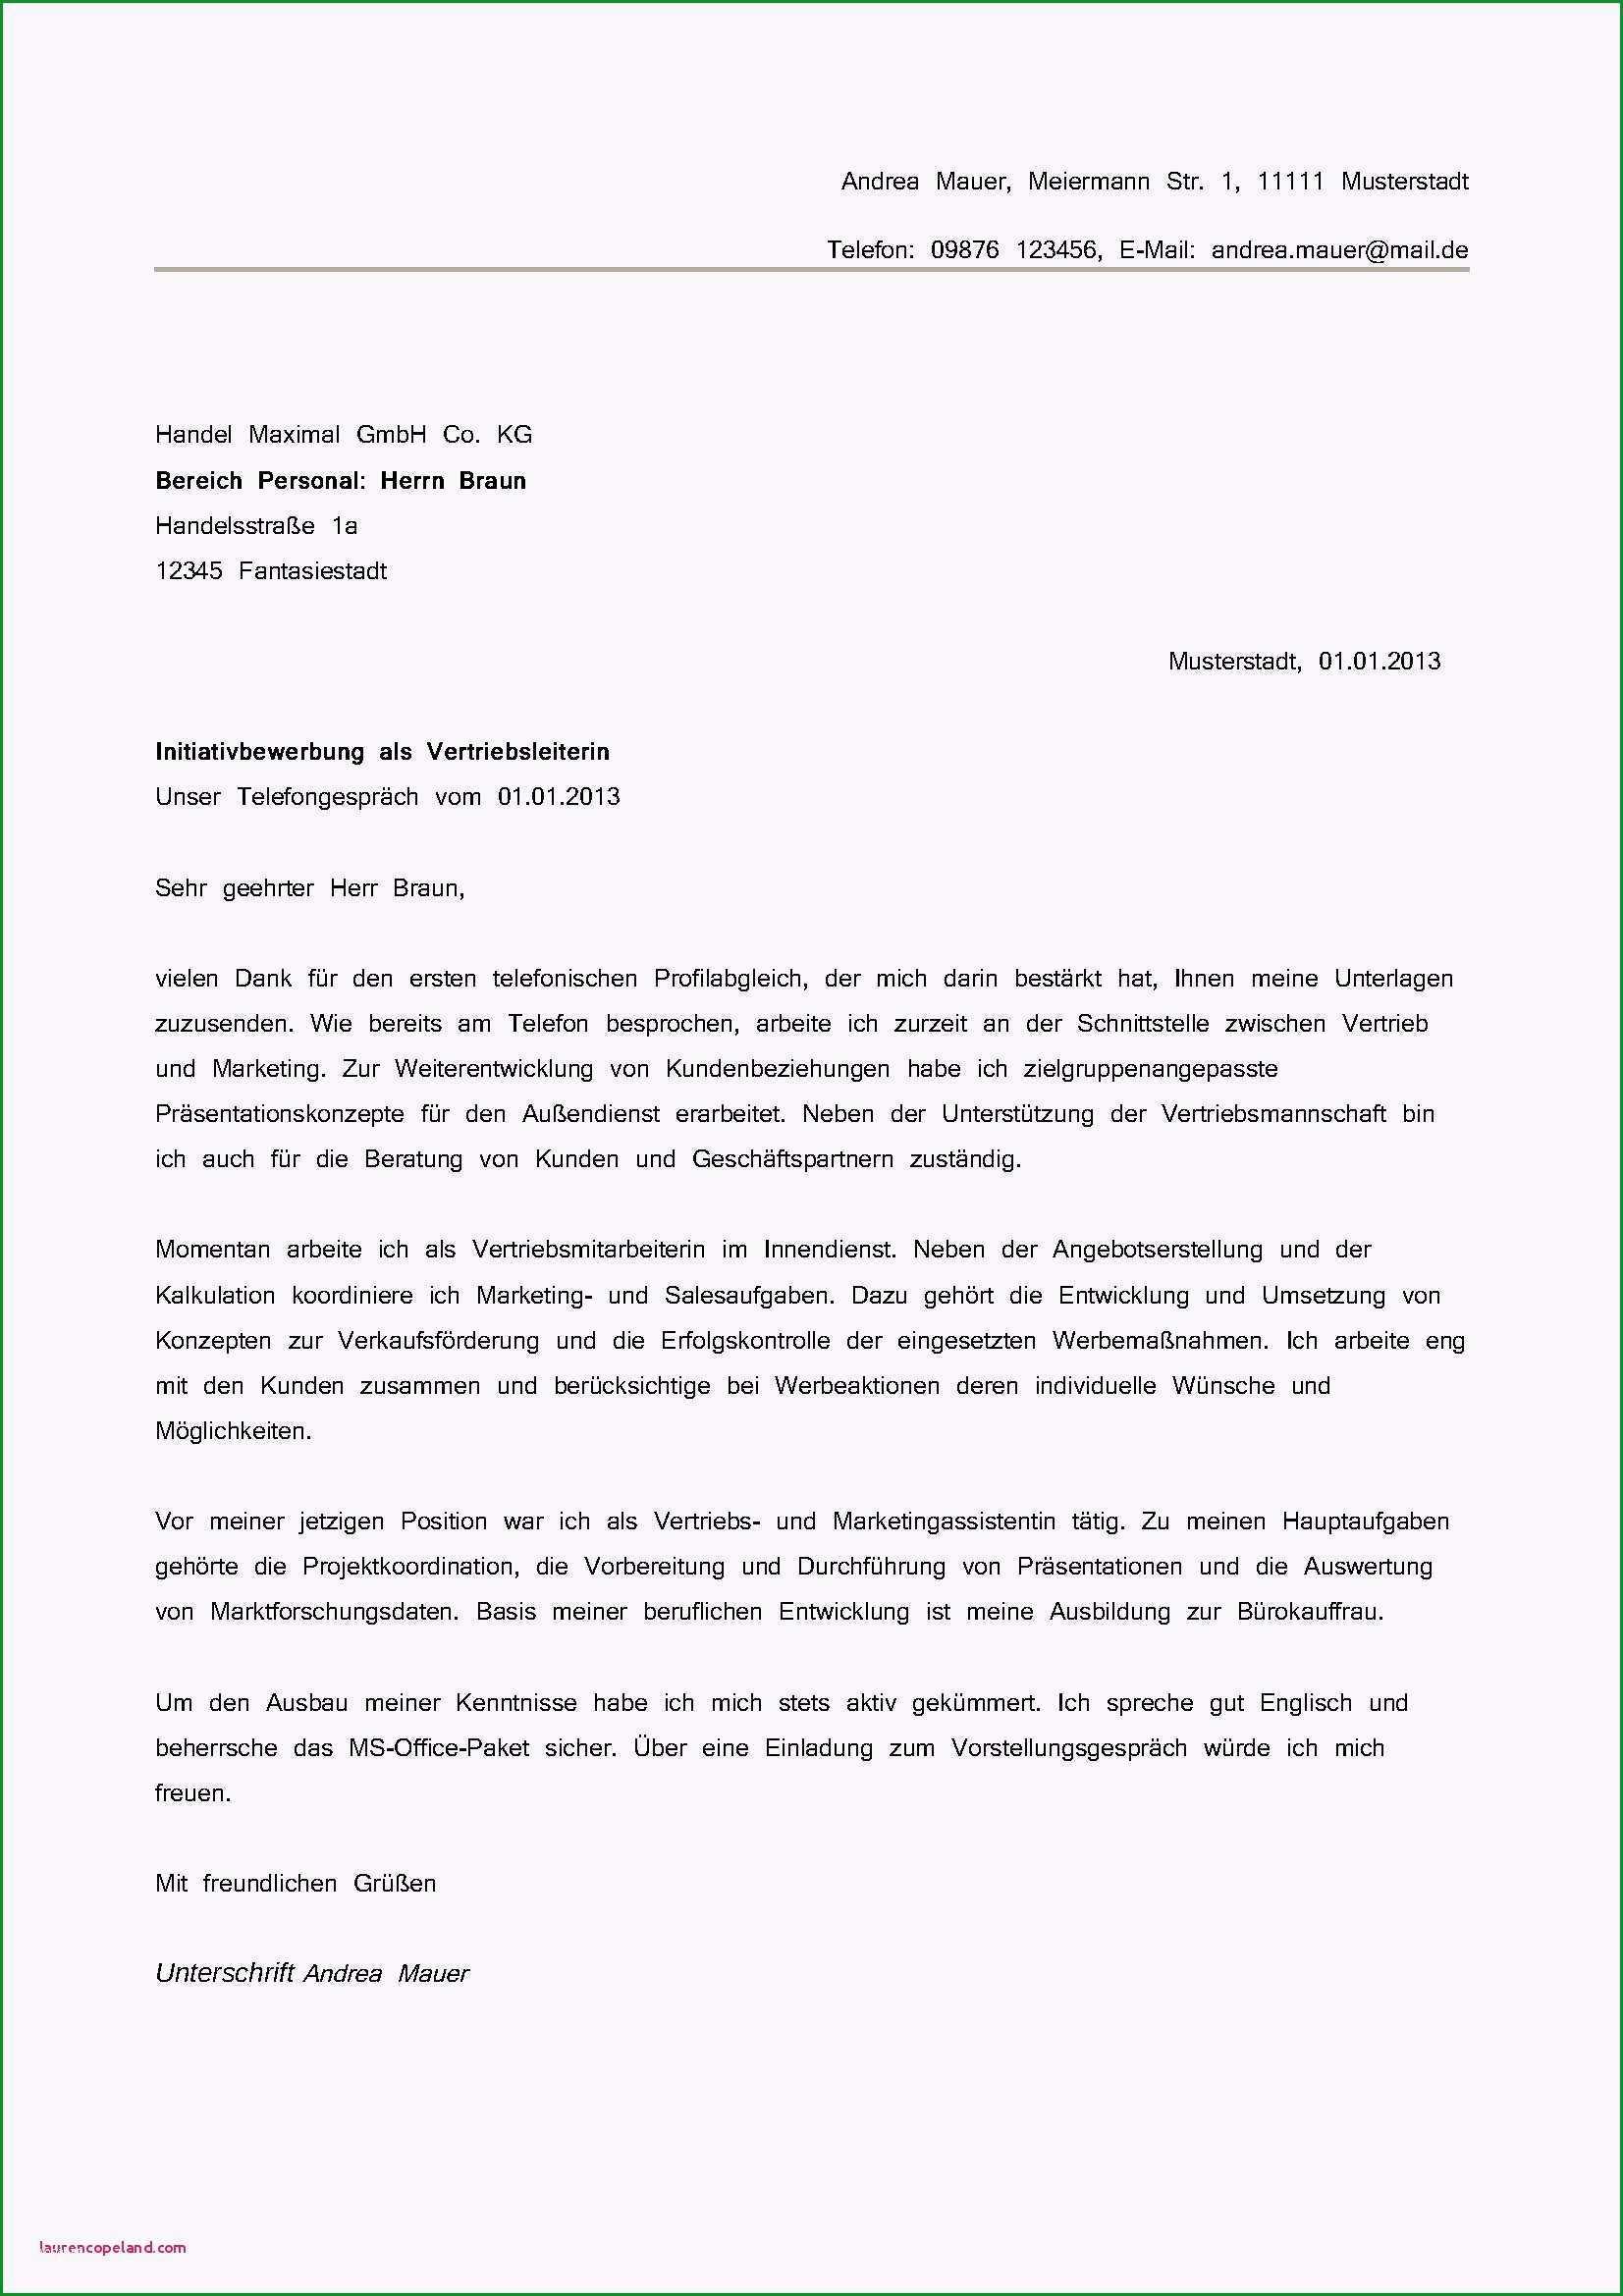 Phänomenal Bewerbung Notfallsanitater Vorlage 30 Bewerbungsschreiben